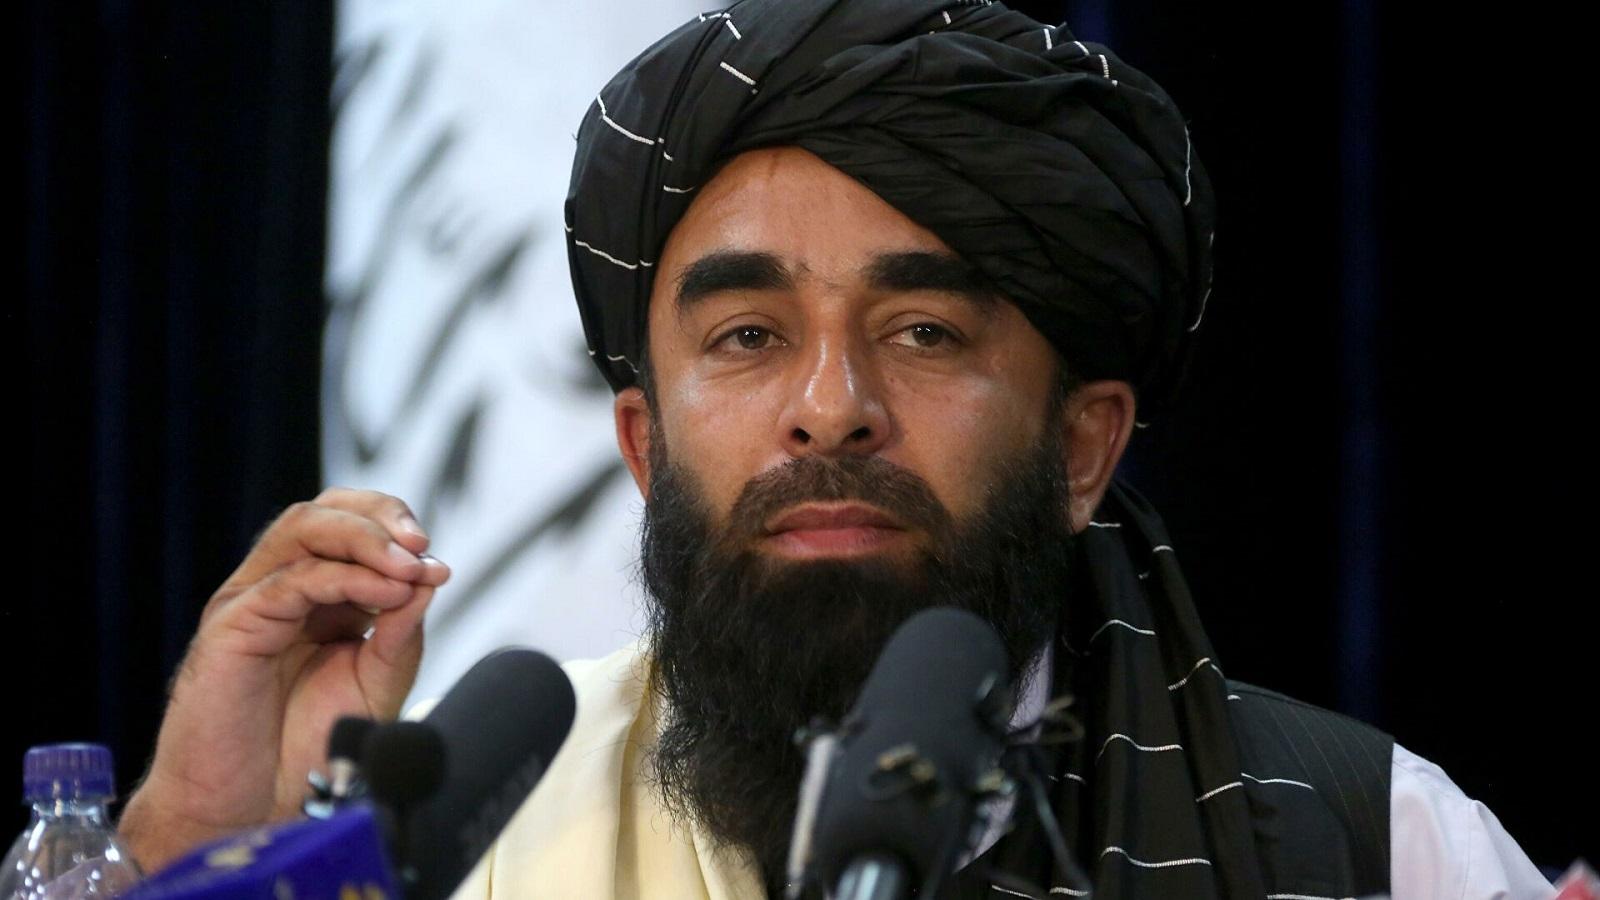 阿富汗塔利班举行首次记者会,外交部对此发表评论!